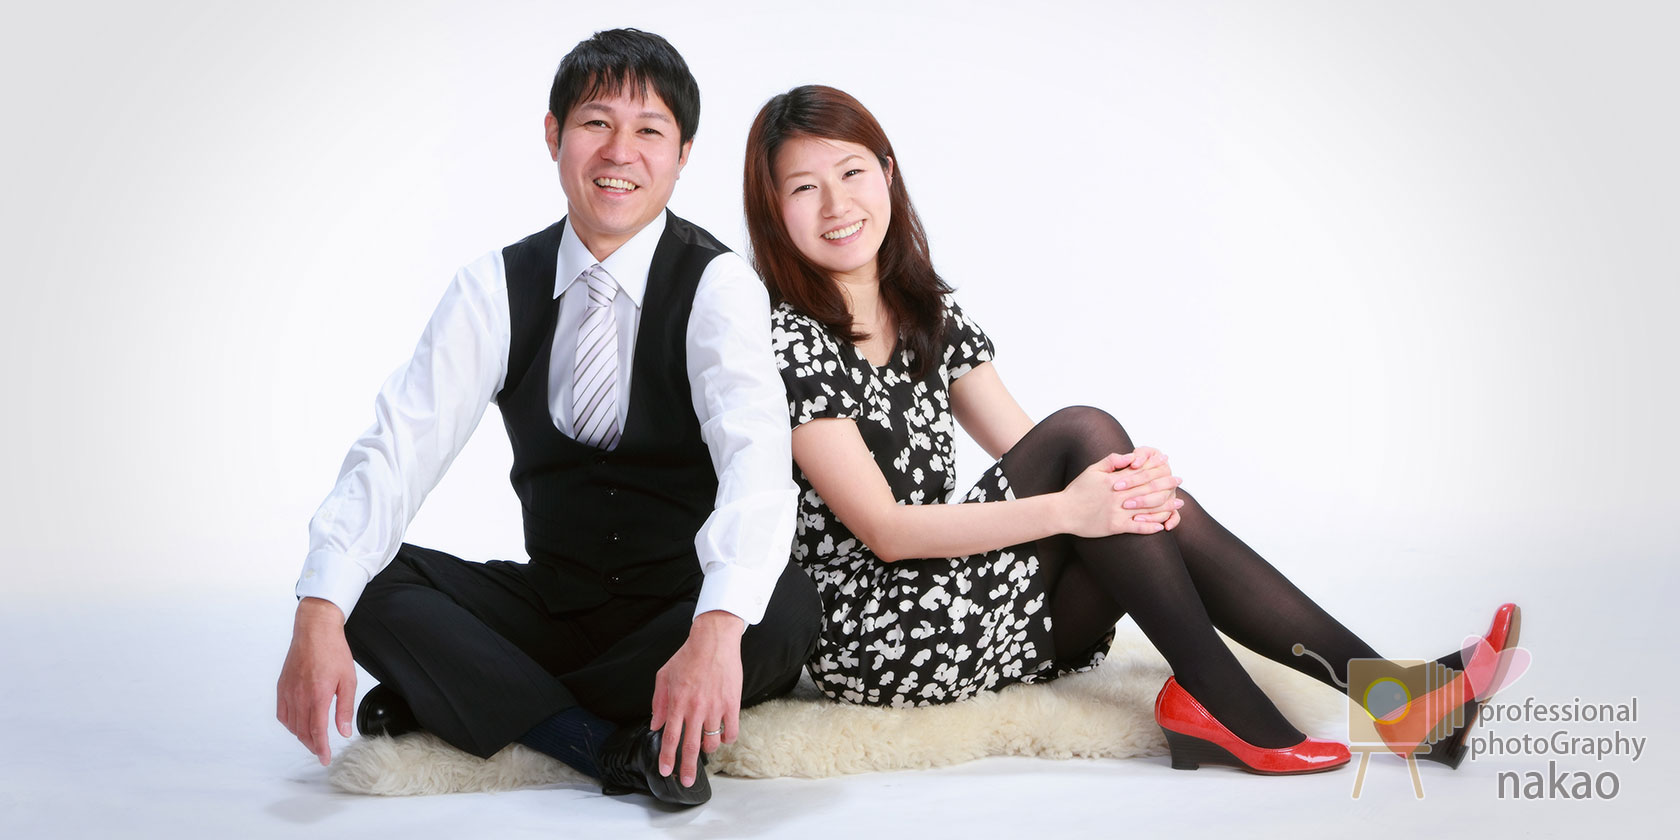 結婚記念日-wedding anniversary-をお祝いする若いご夫妻様